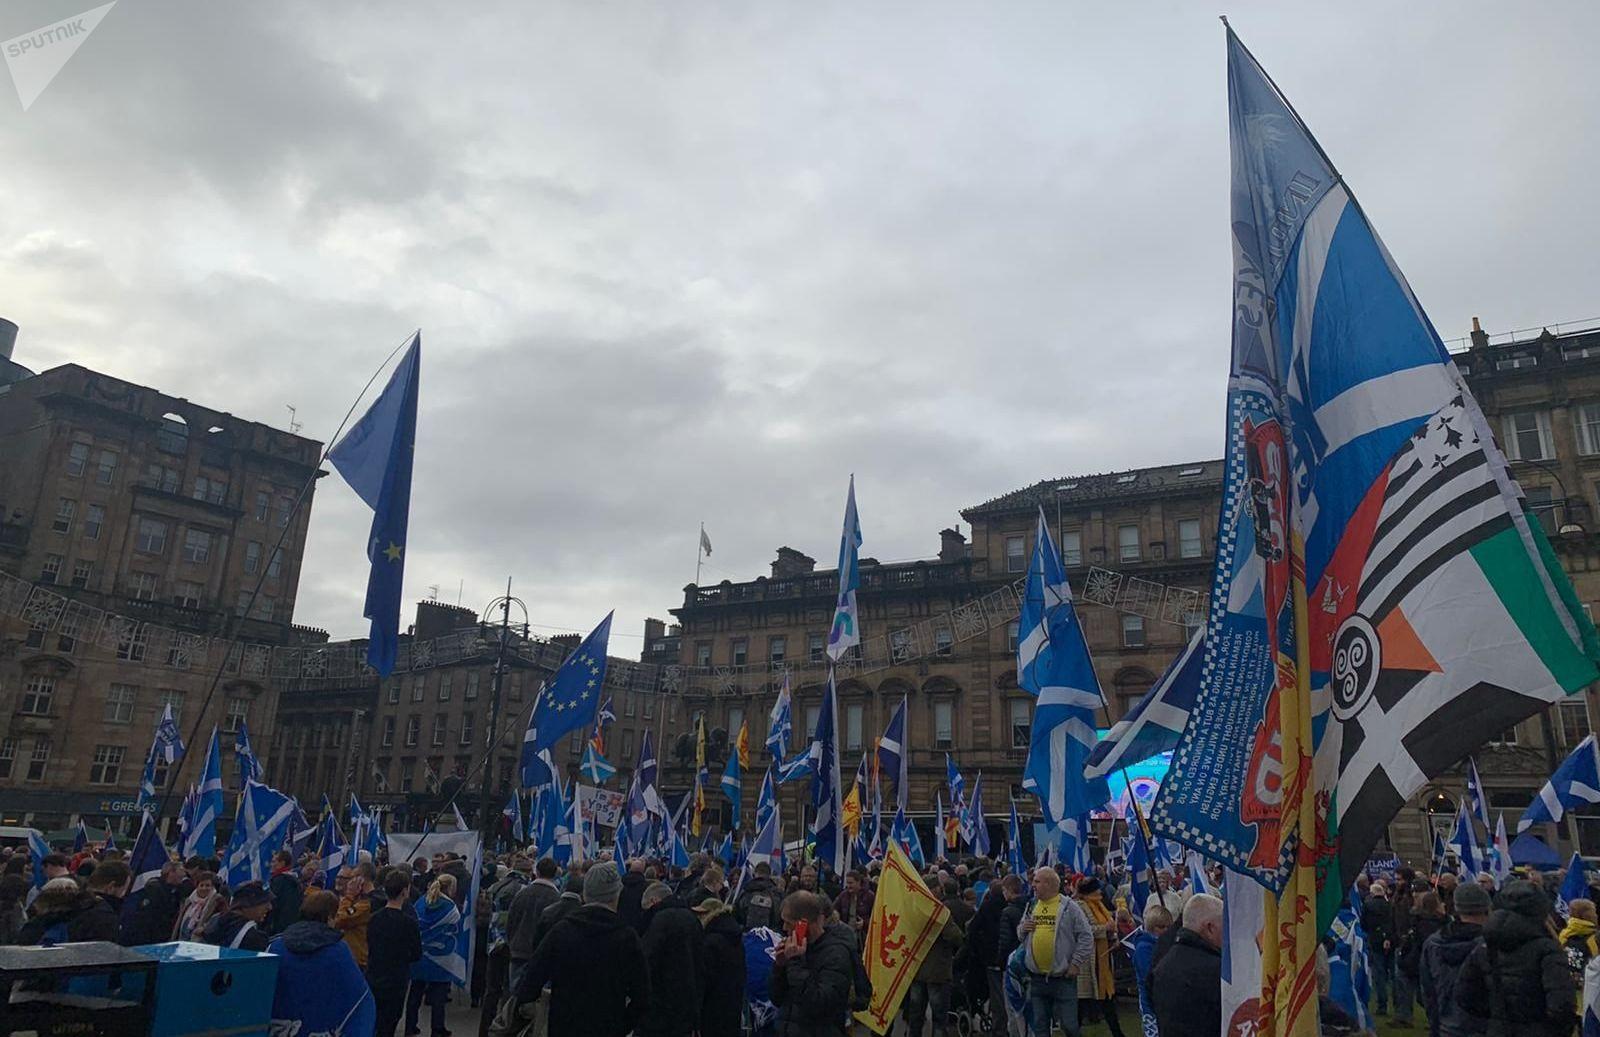 Des partisans de l'indépendance de l'Écosse manifestent à George Square à Glasgow